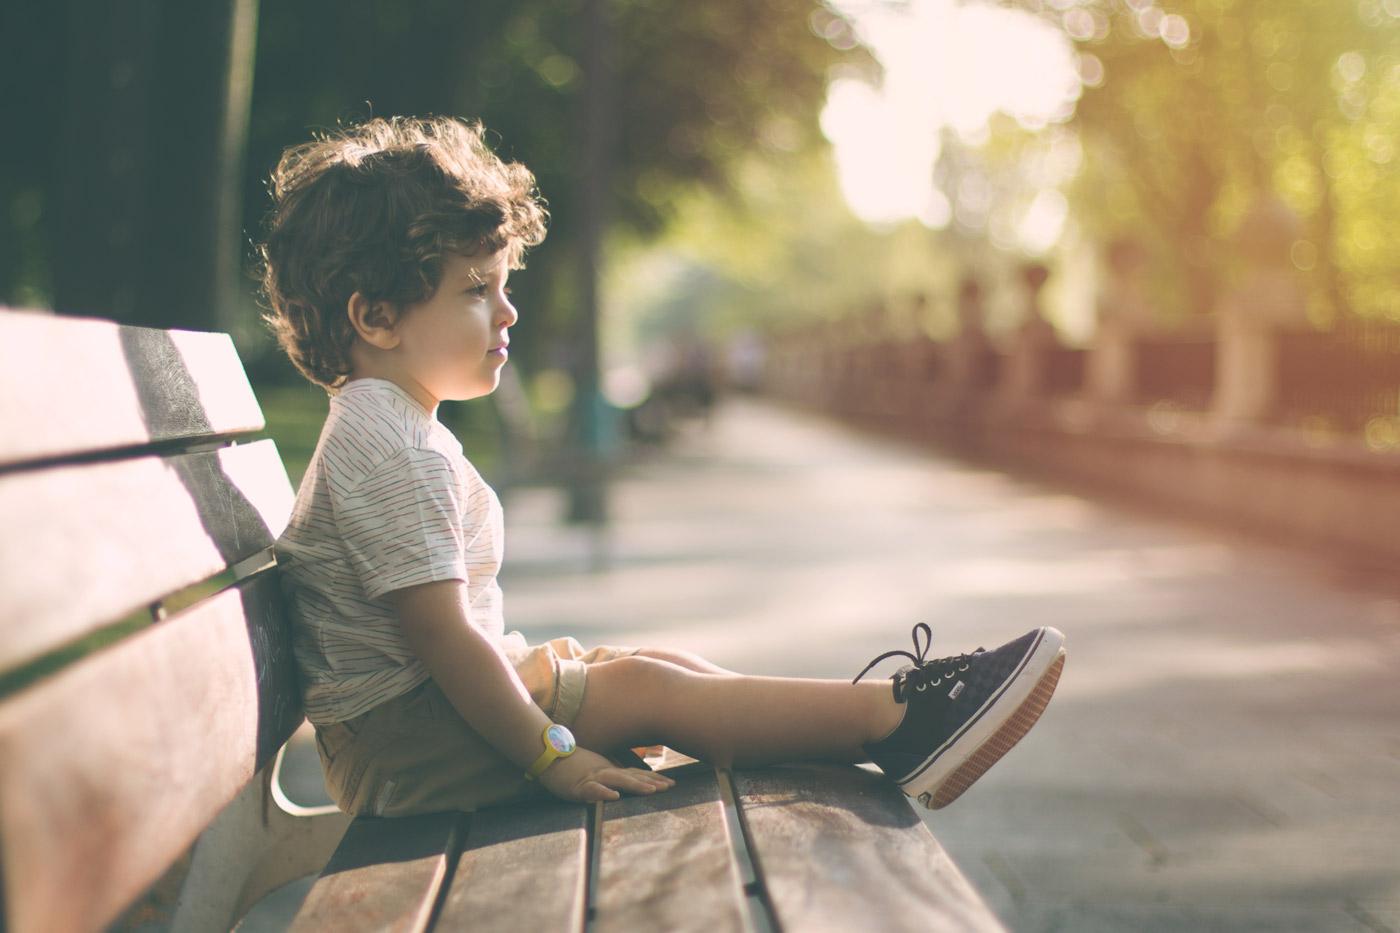 niño sentado en un banco iluminado por la luz dorada del sol